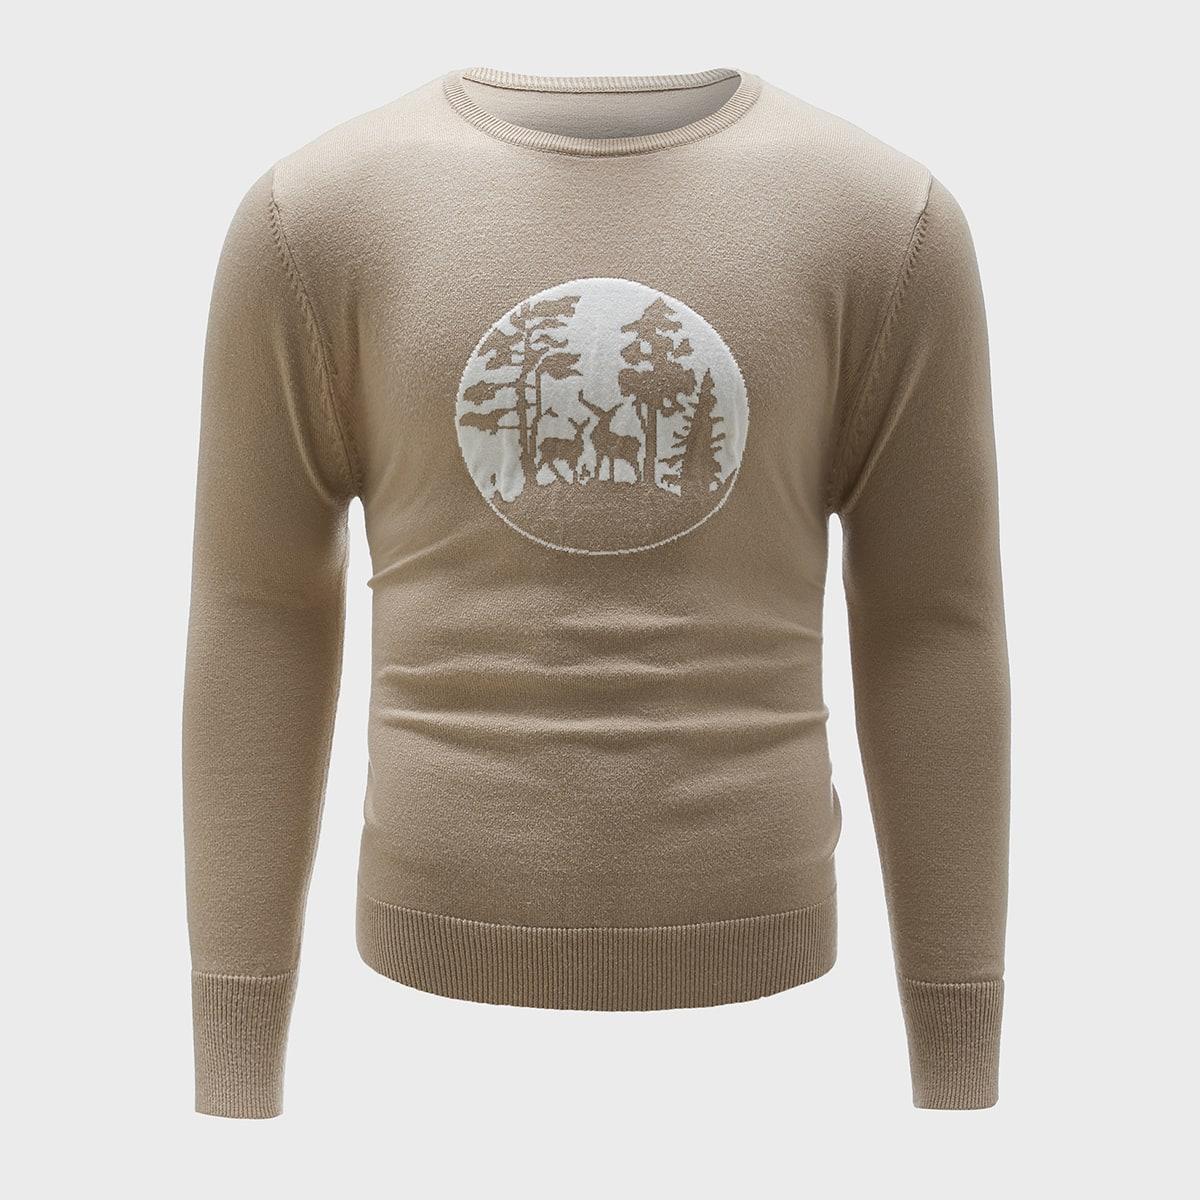 Мужской свитер с круглым вырезом с рисунком животных и деревьев